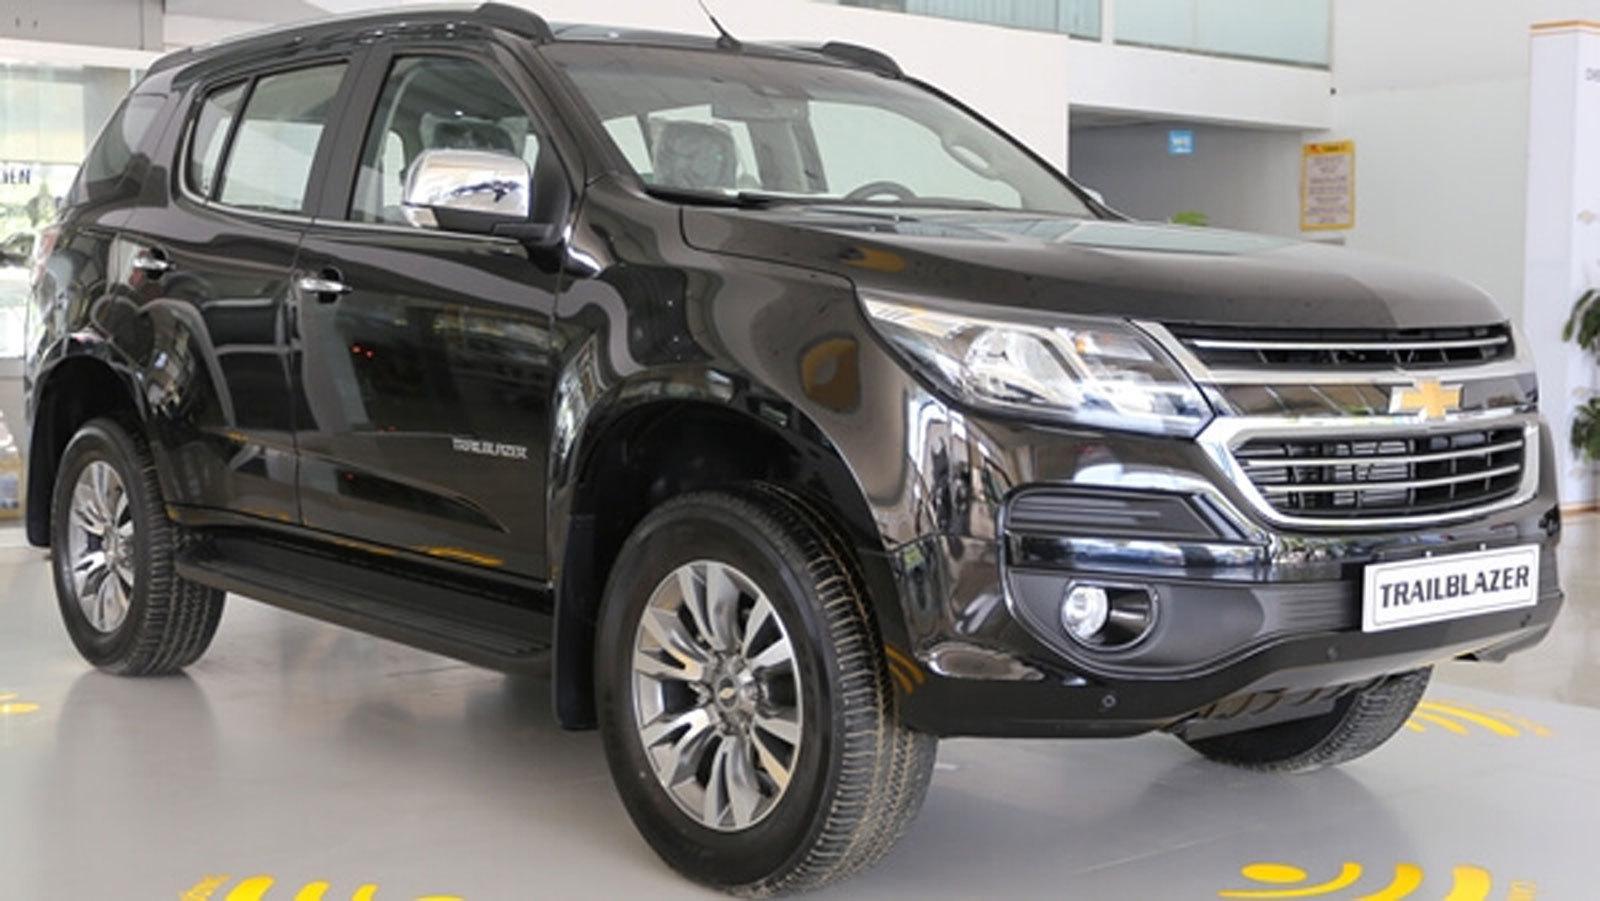 ô tô giảm giá,giá ô tô,ô tô Chevrolet,ô tô Nissan,ô tô Toyota